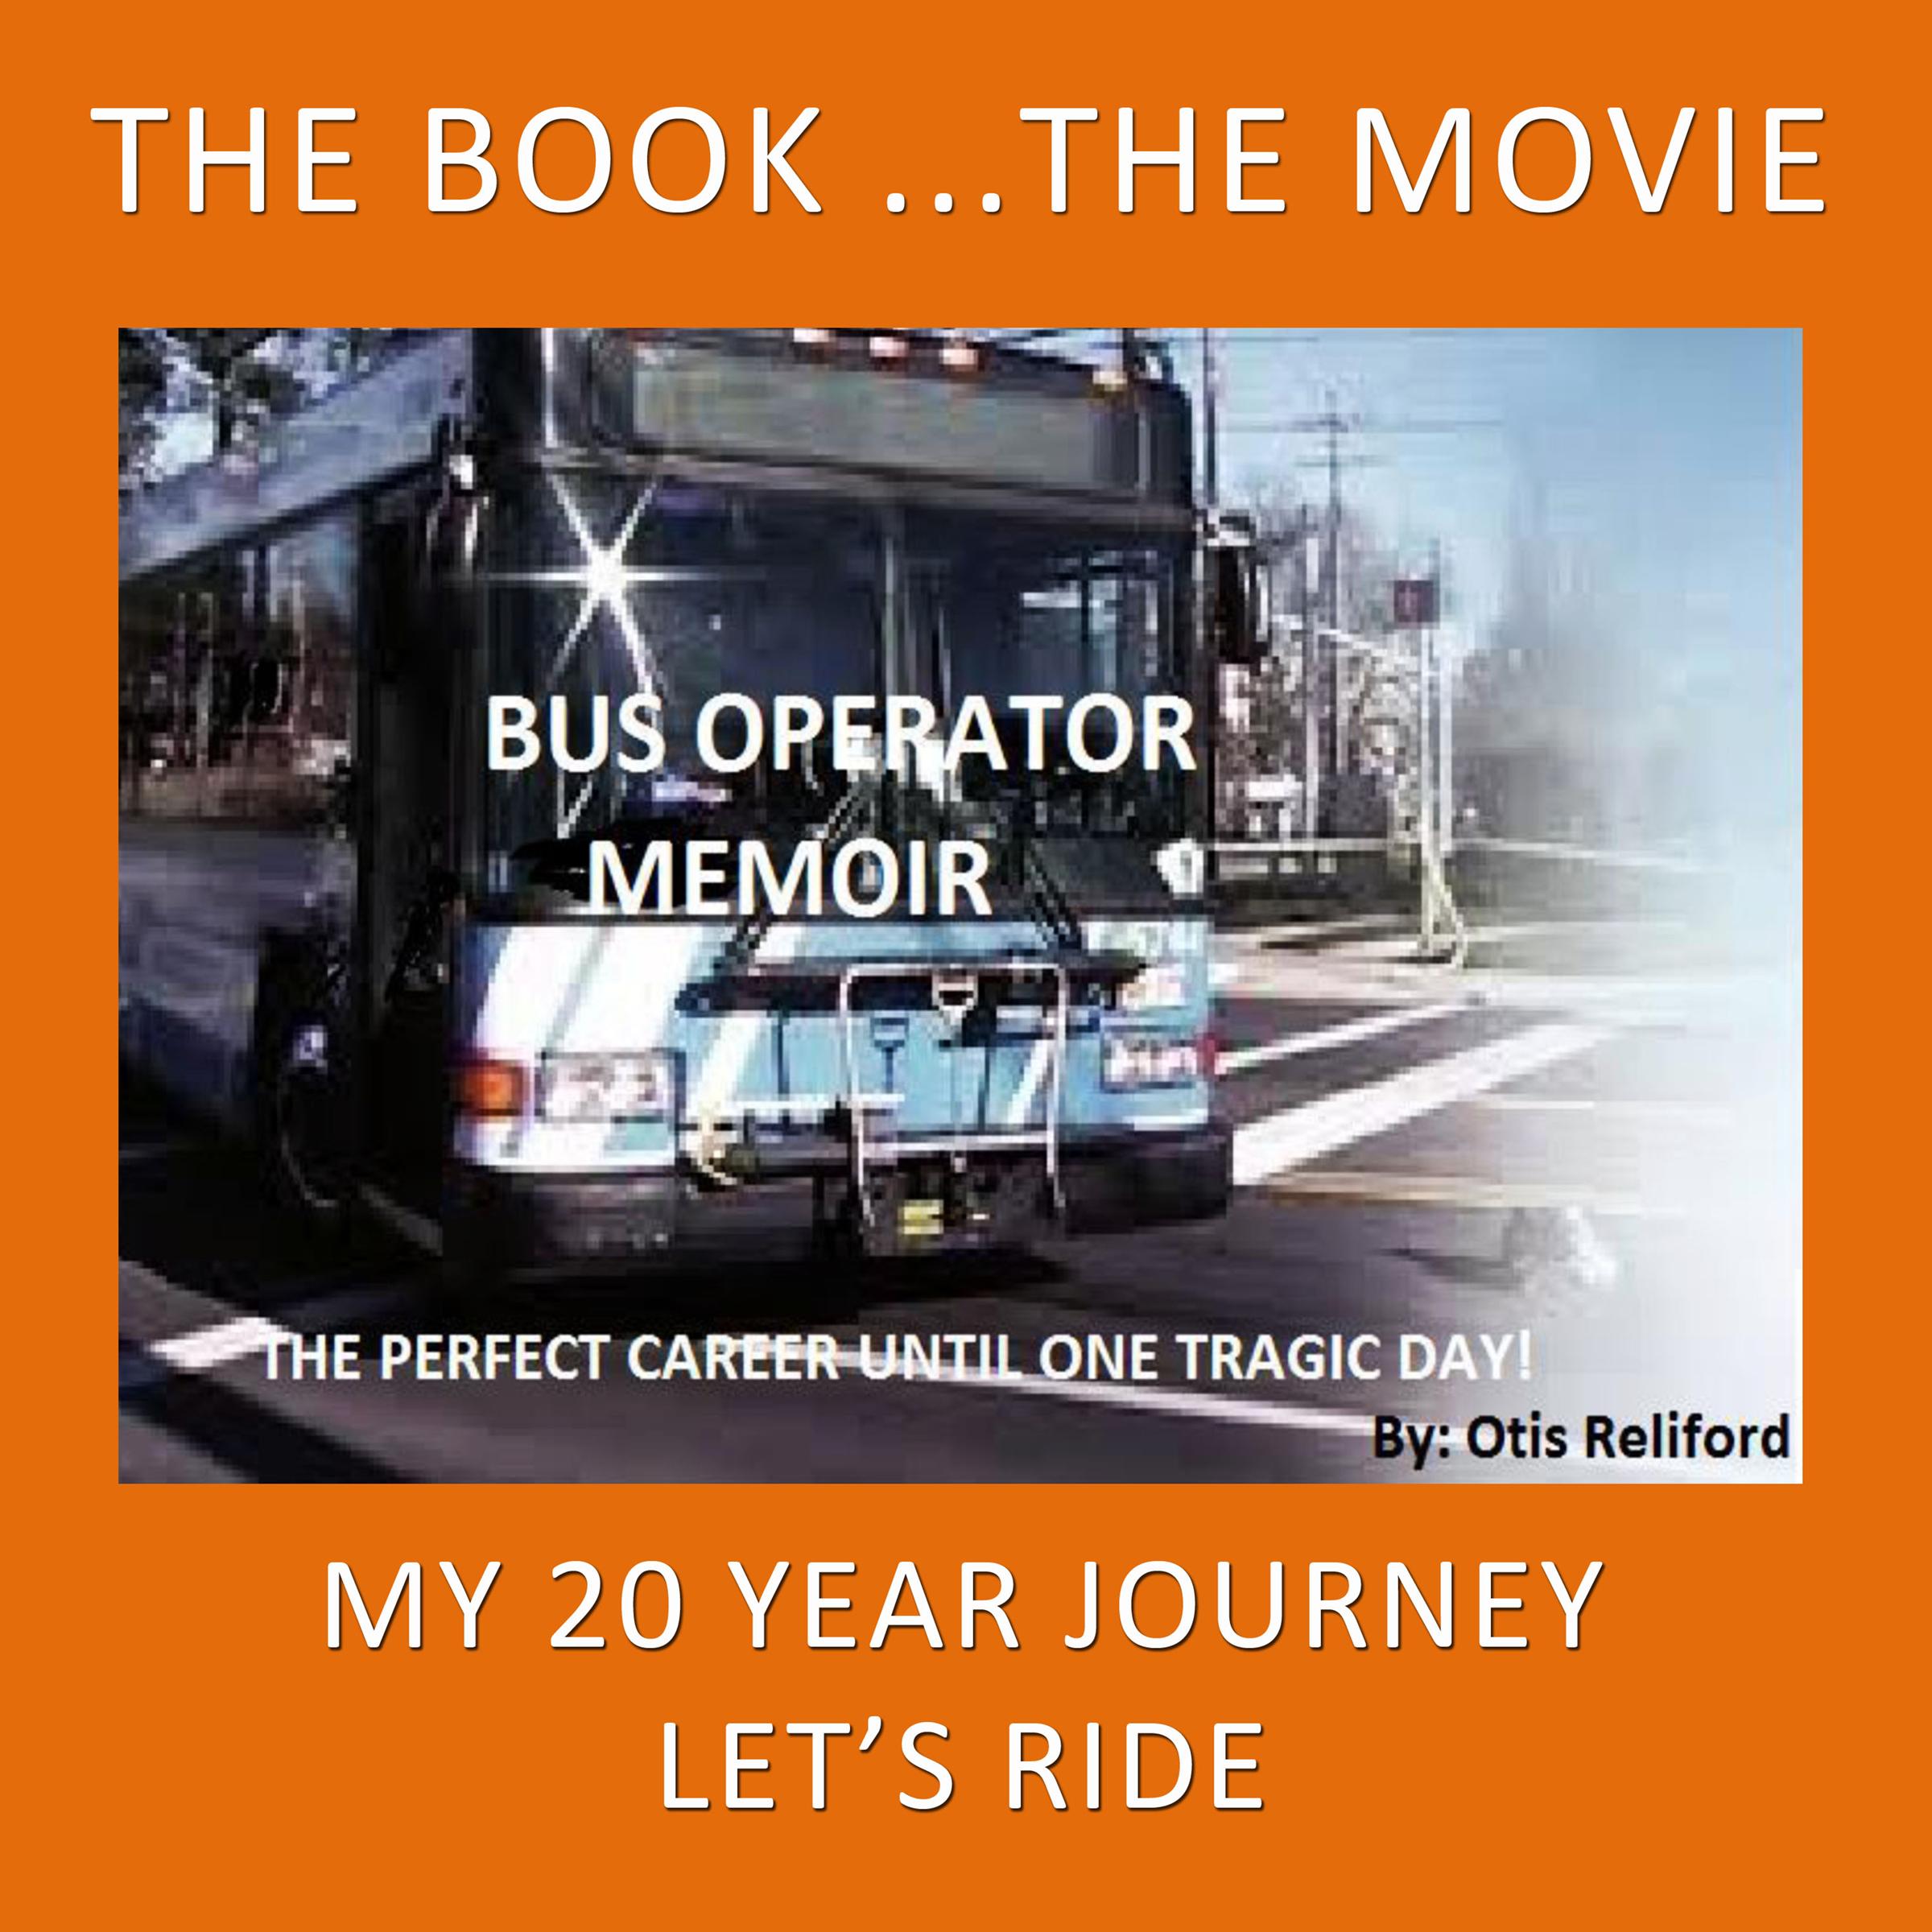 Bus Operator Memoir cover image